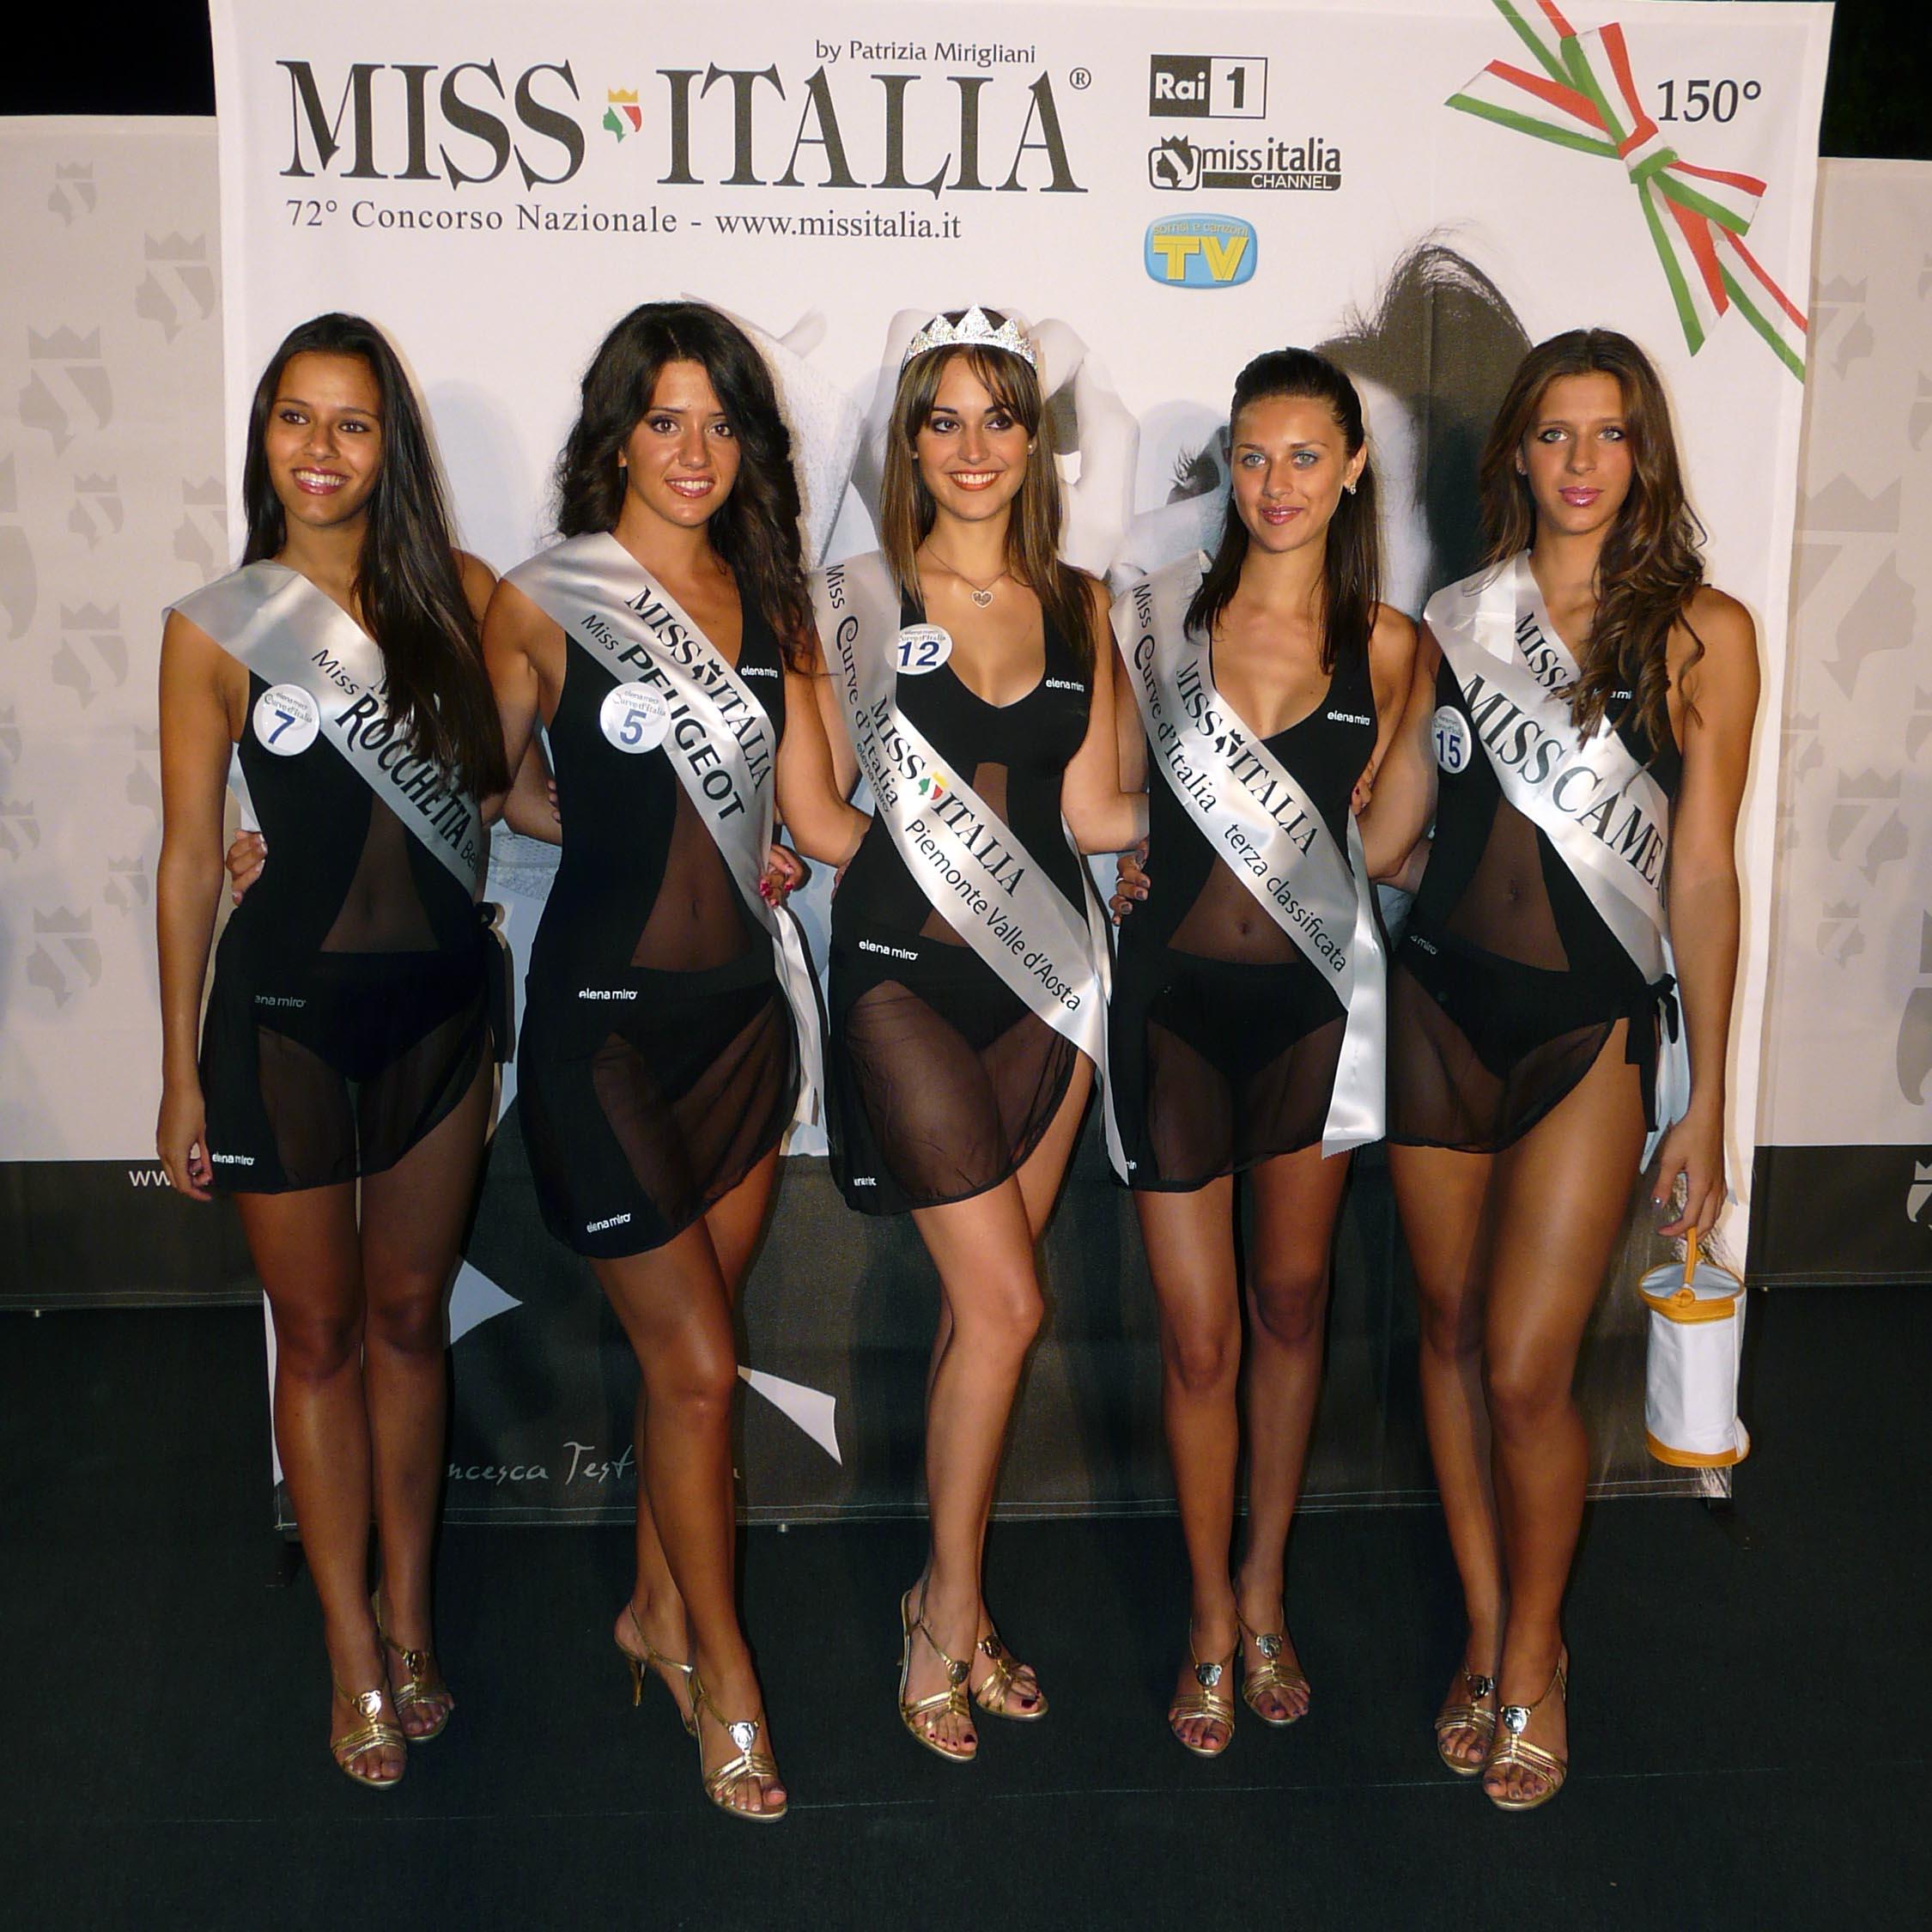 Silvia d'Onofrio, Elisa Patti, Alessia Cervelli, Giulia Lanza, Giulia Calcaterra